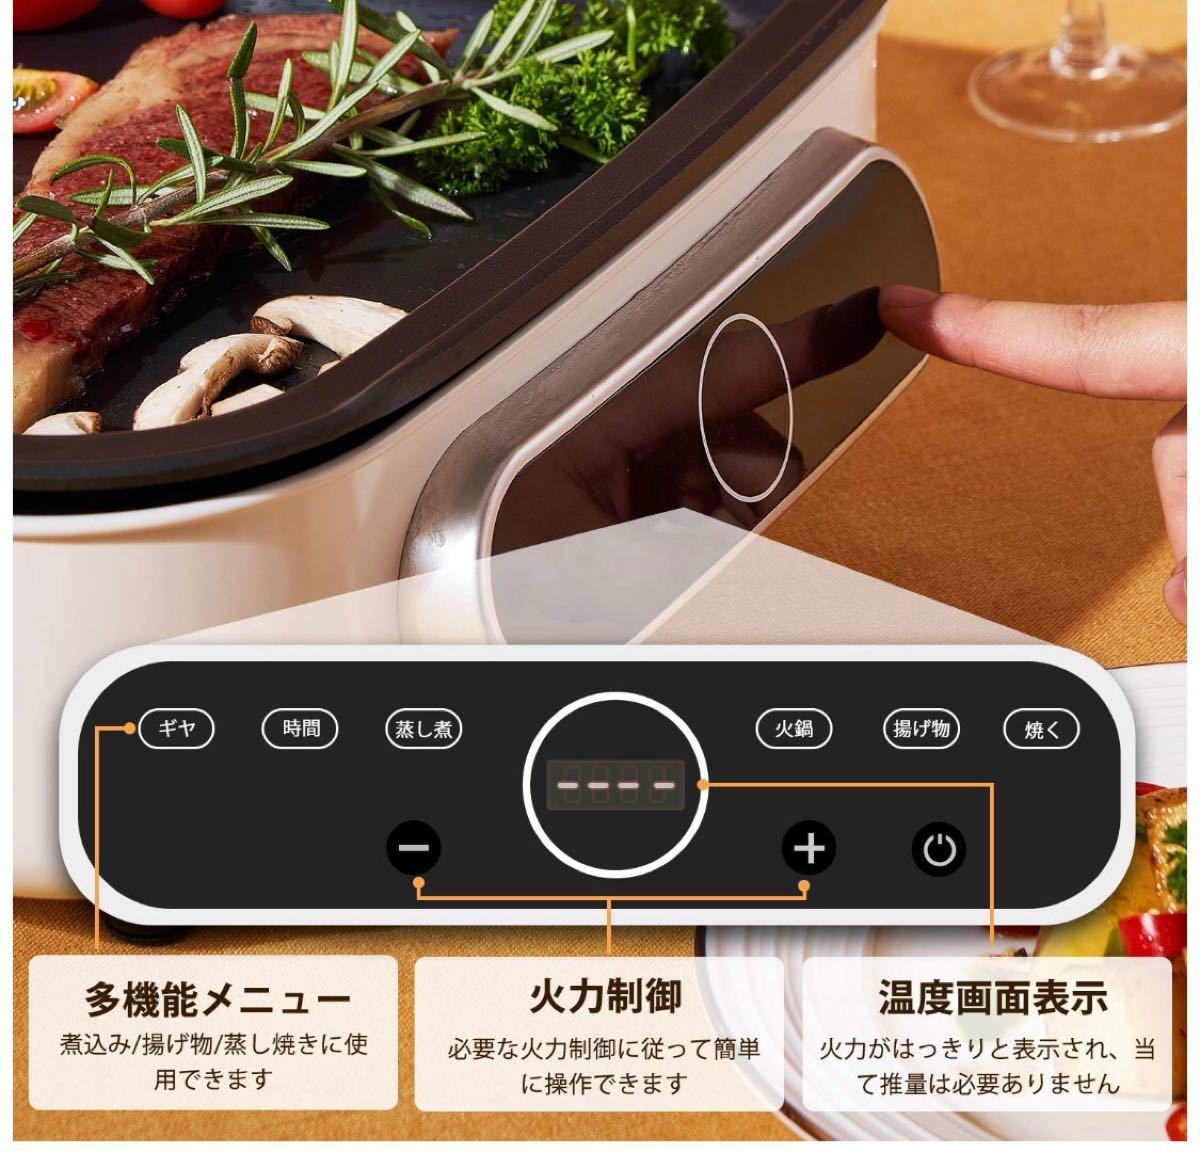 ホットプレート平面+たこ焼きプレートマルチポット グリル鍋 家電 デジタル表示 幅38×奥行26×高さ17cm 2.5L白蓋付き